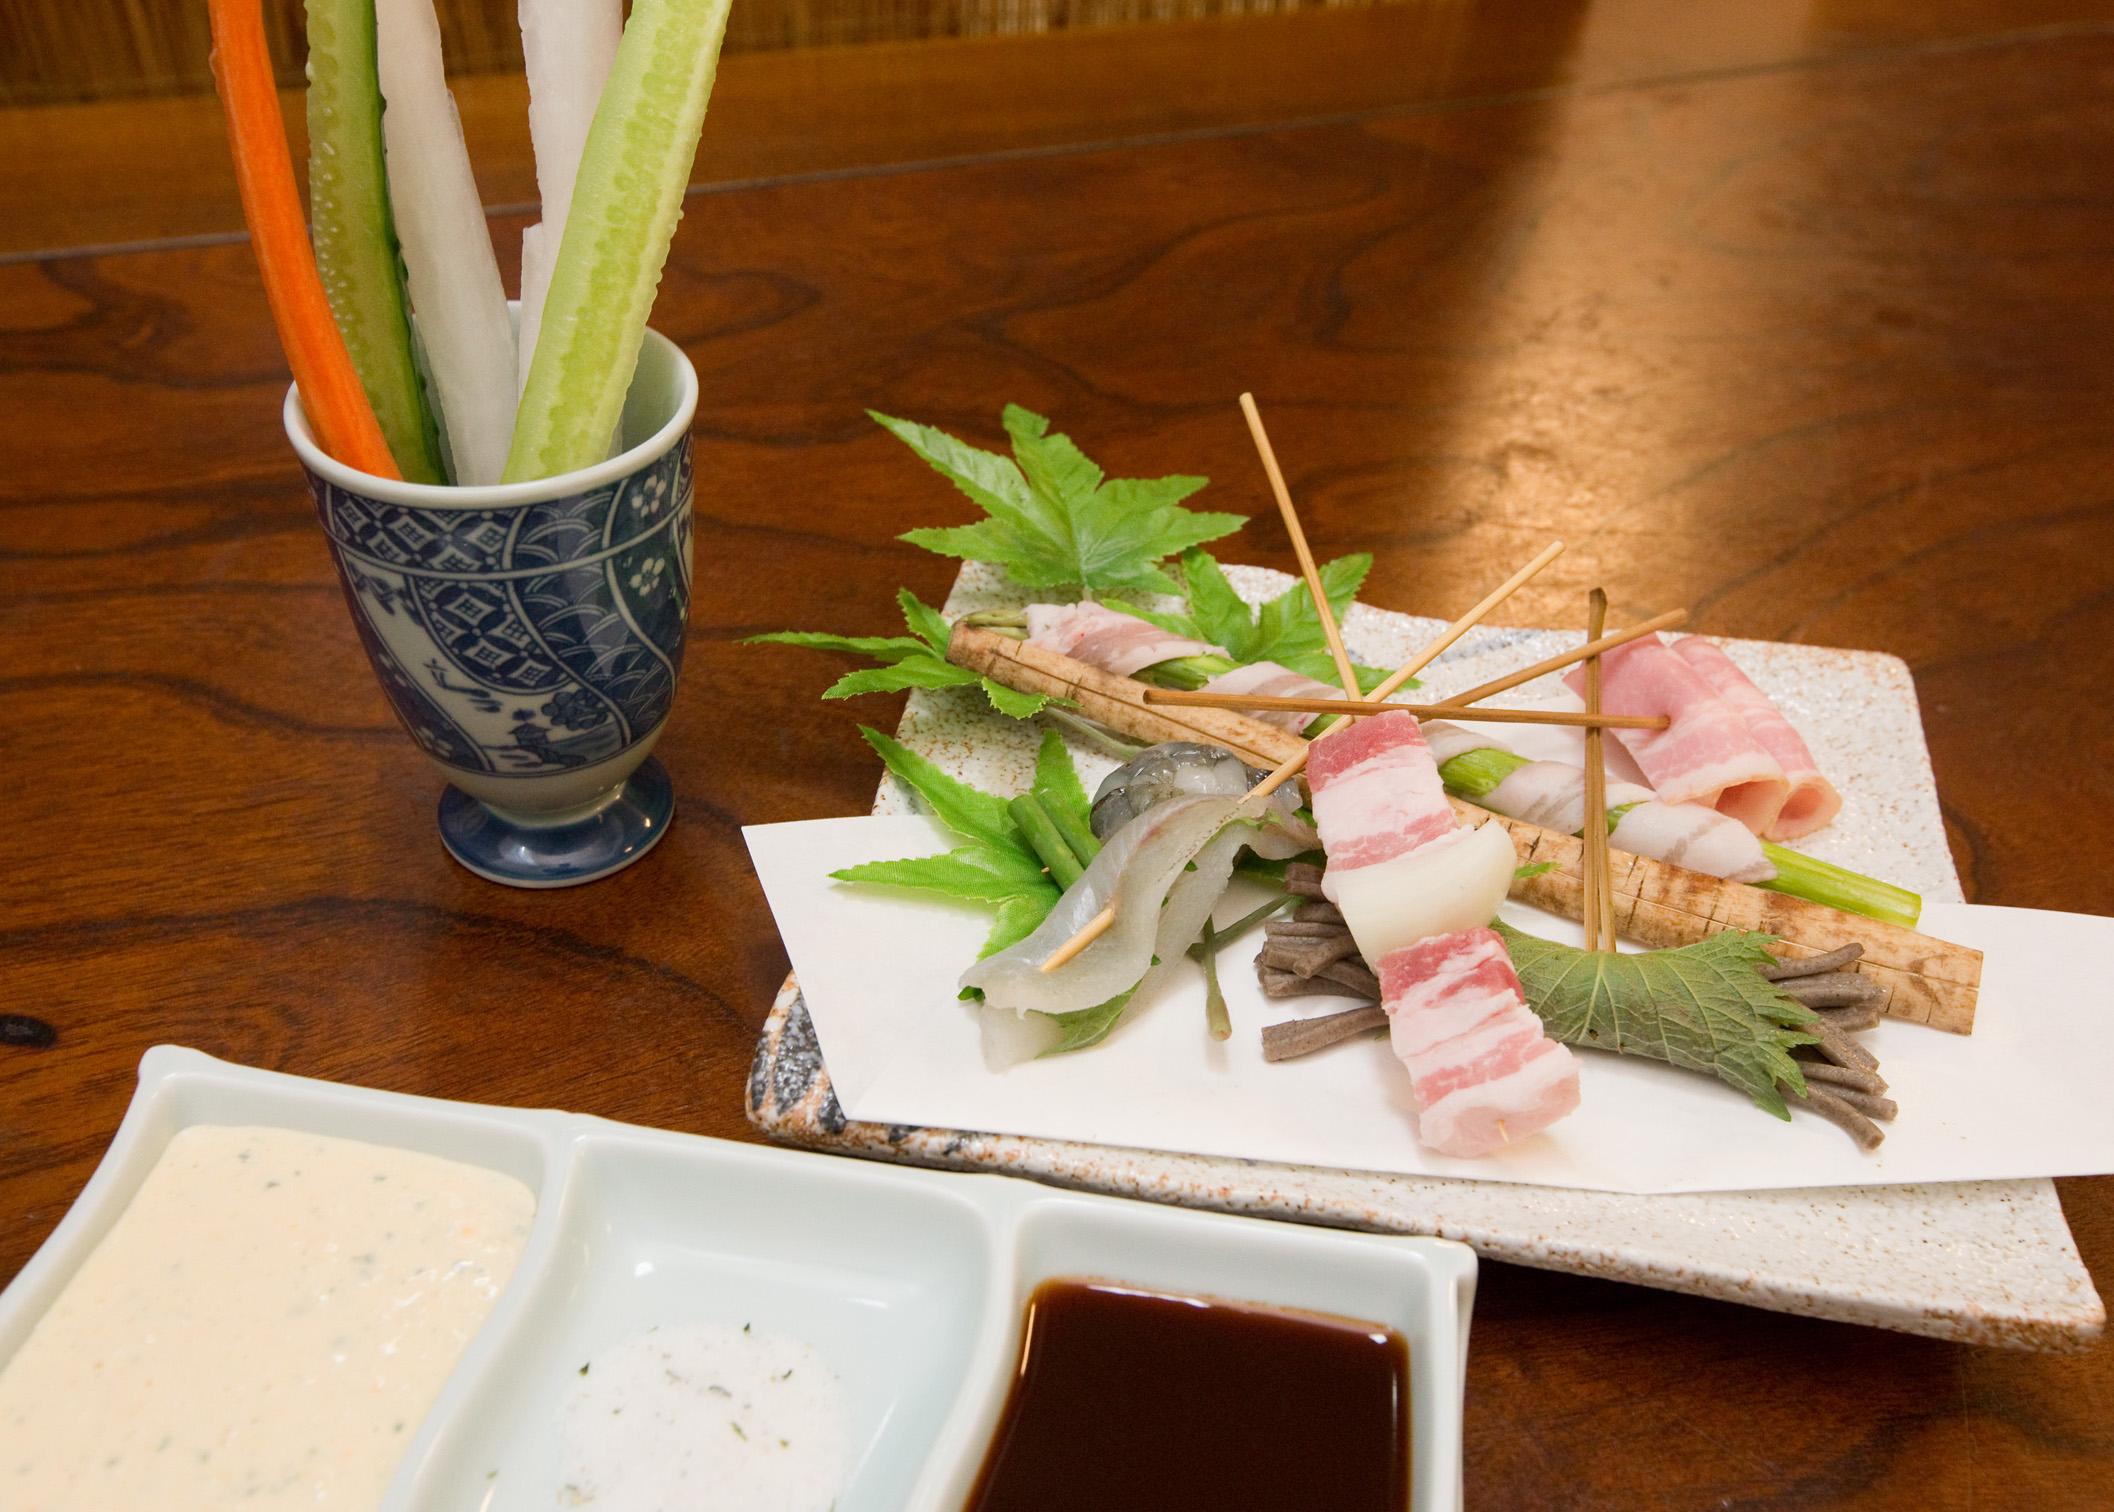 串揚げコースは店主おまかせ食材の為、食すまでのお楽しみ。野菜付